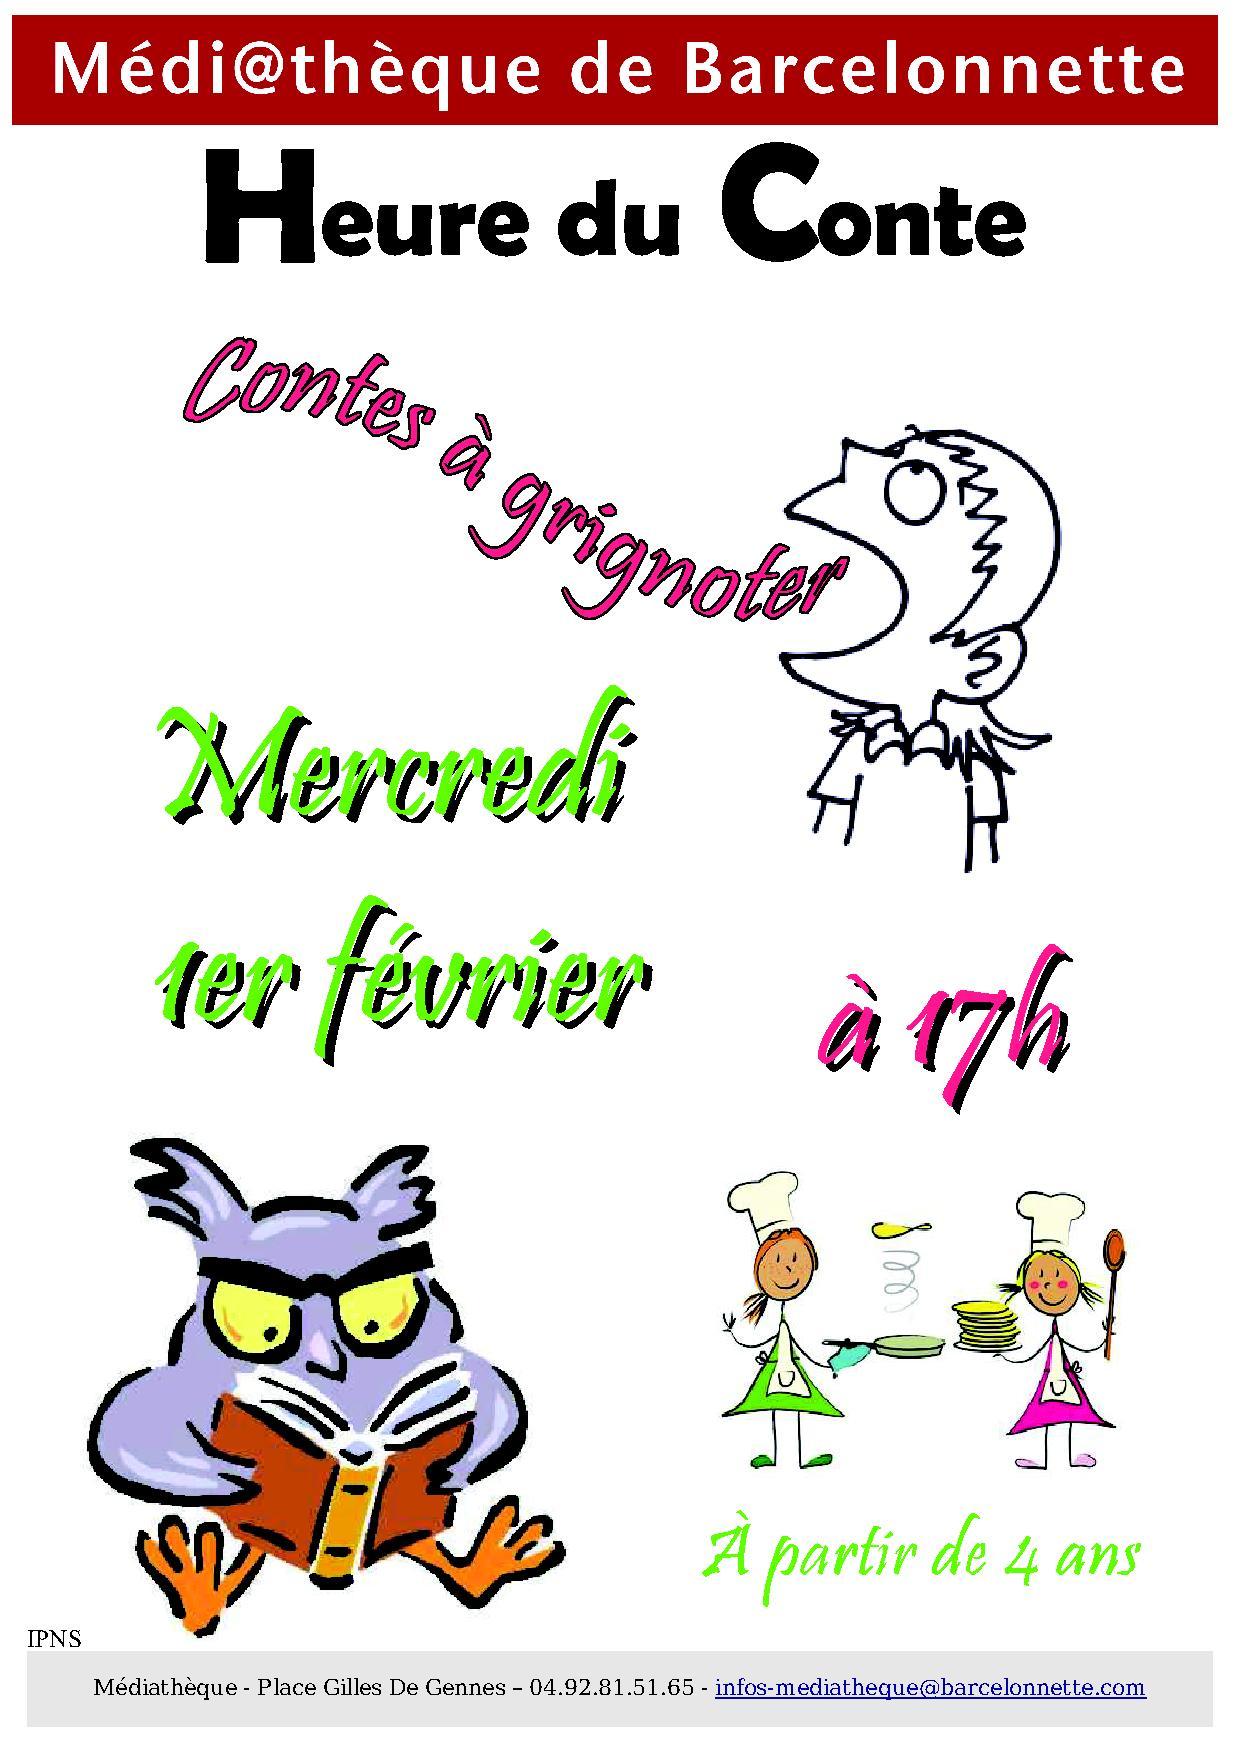 En février, l'heure du conte sera gourmande!!! dans Archives affiche-Heure-du-conte-fev2012